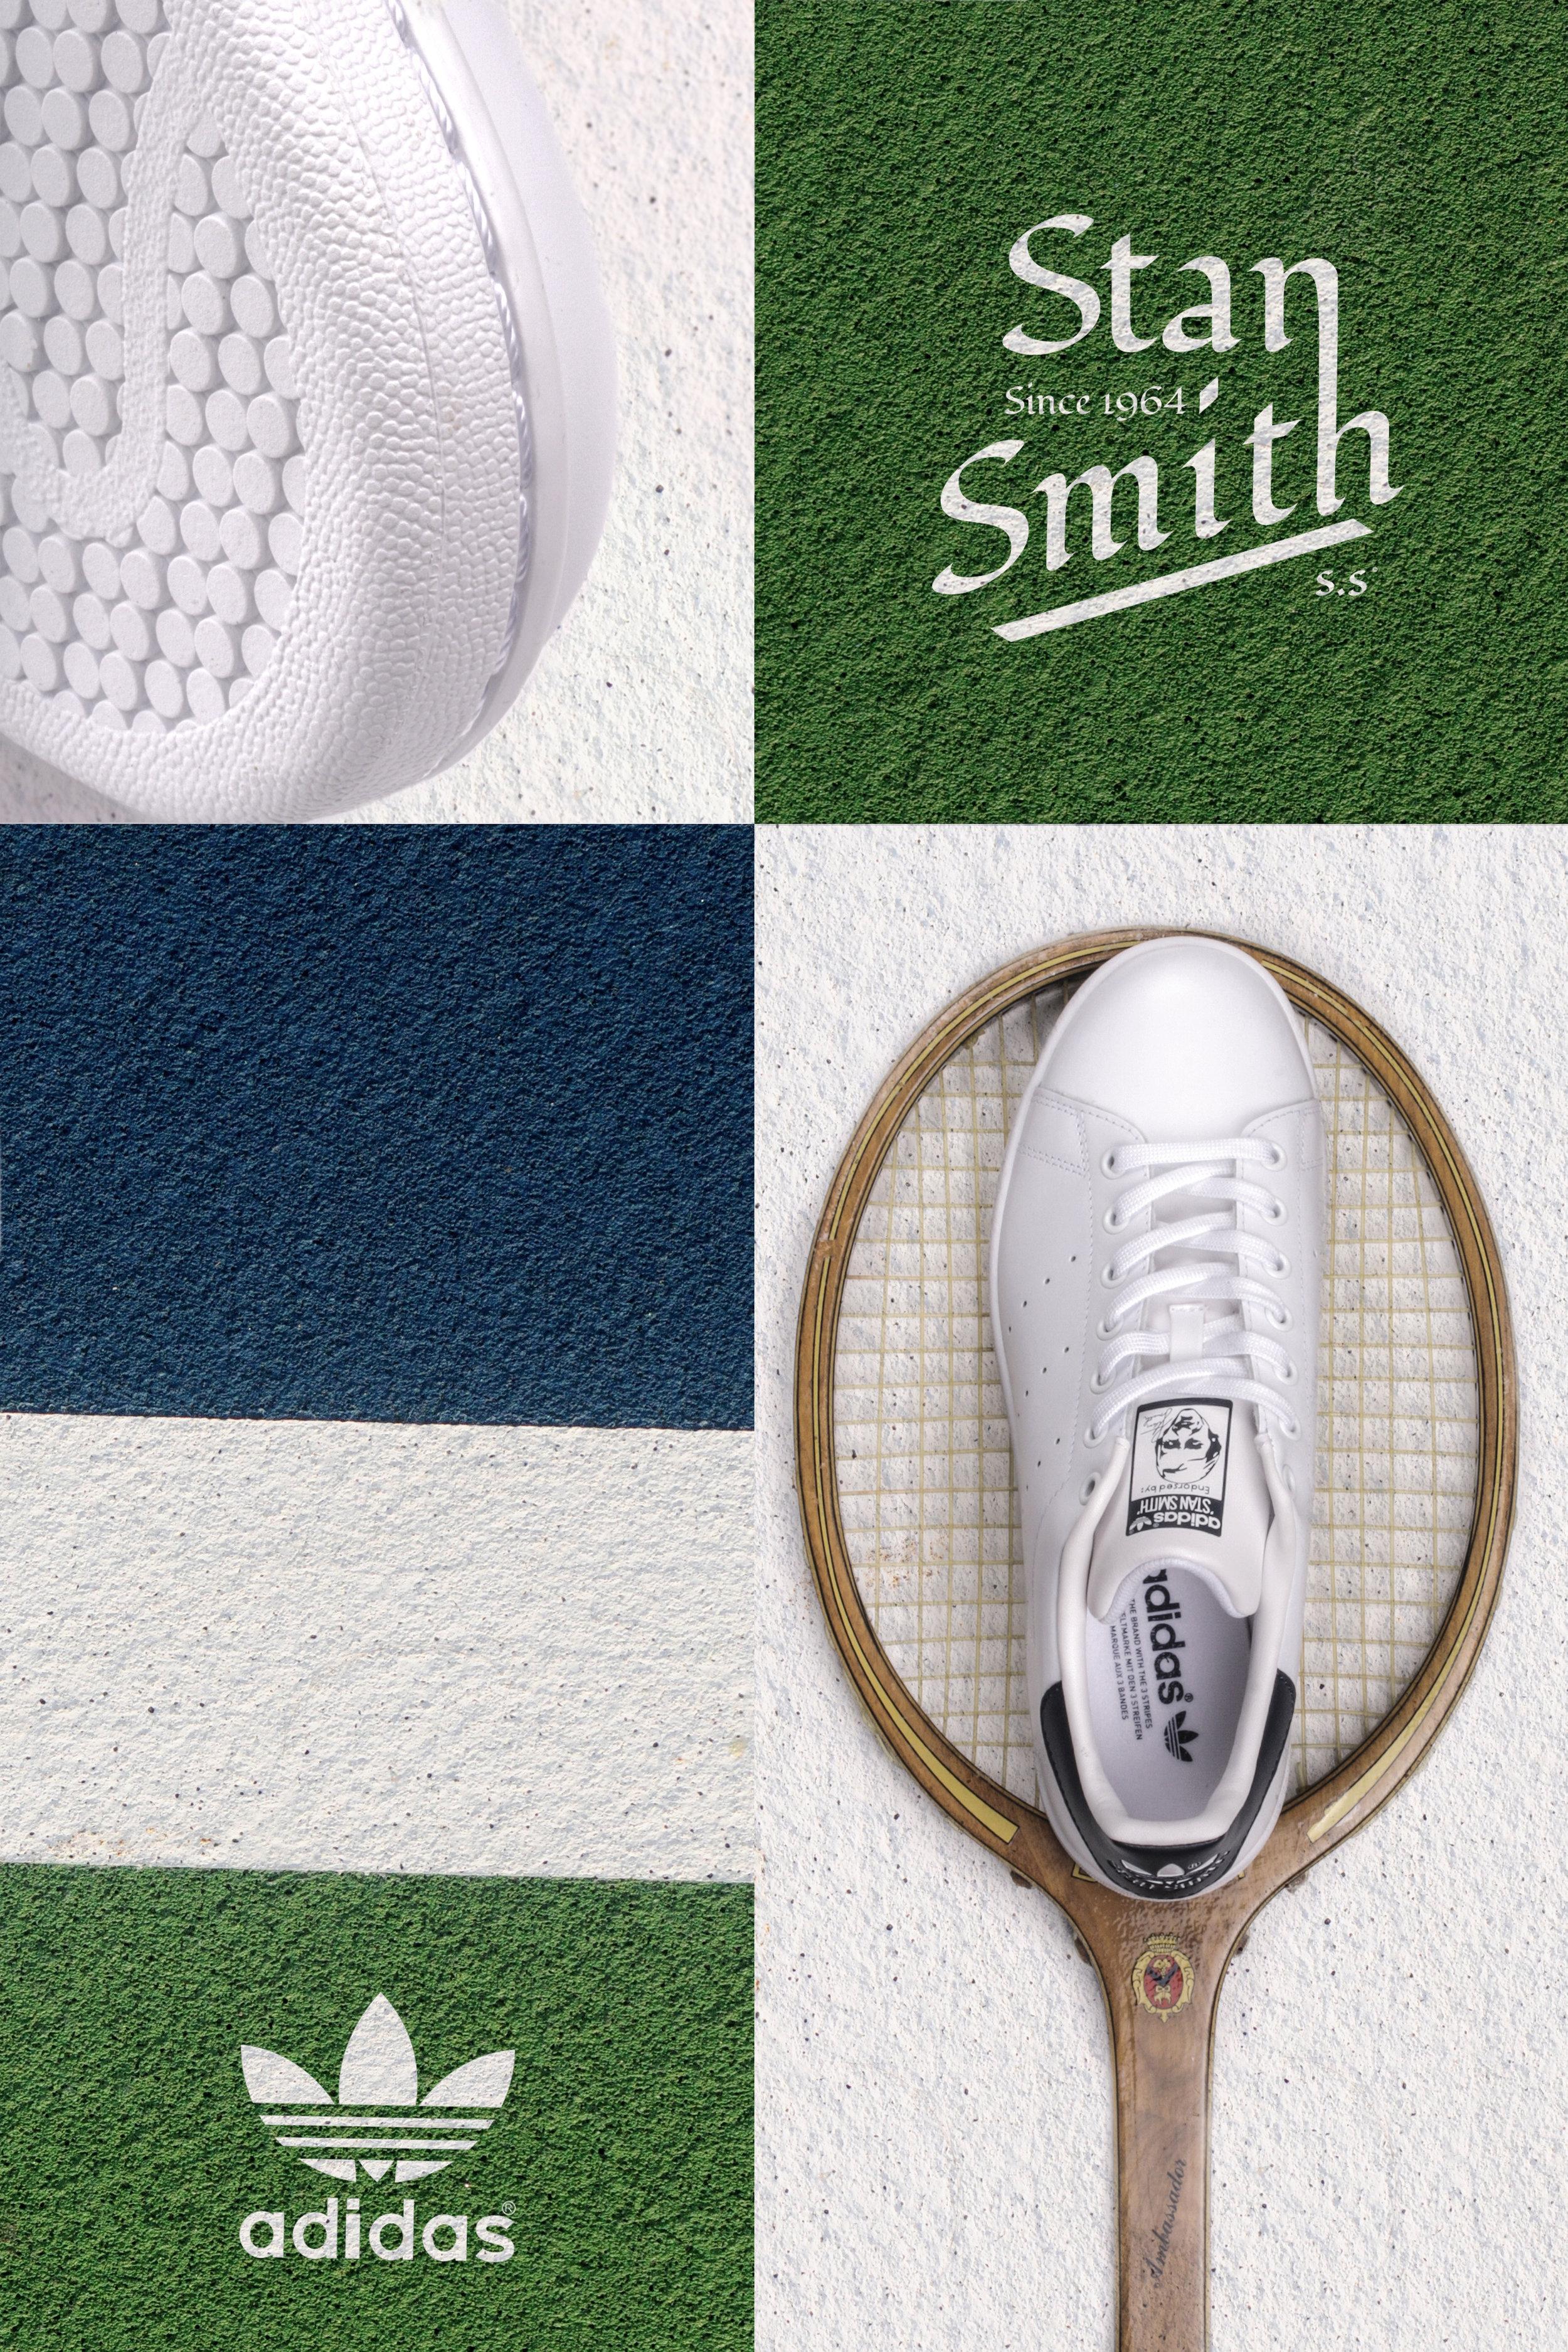 Dondina-affiche-addidas.jpg